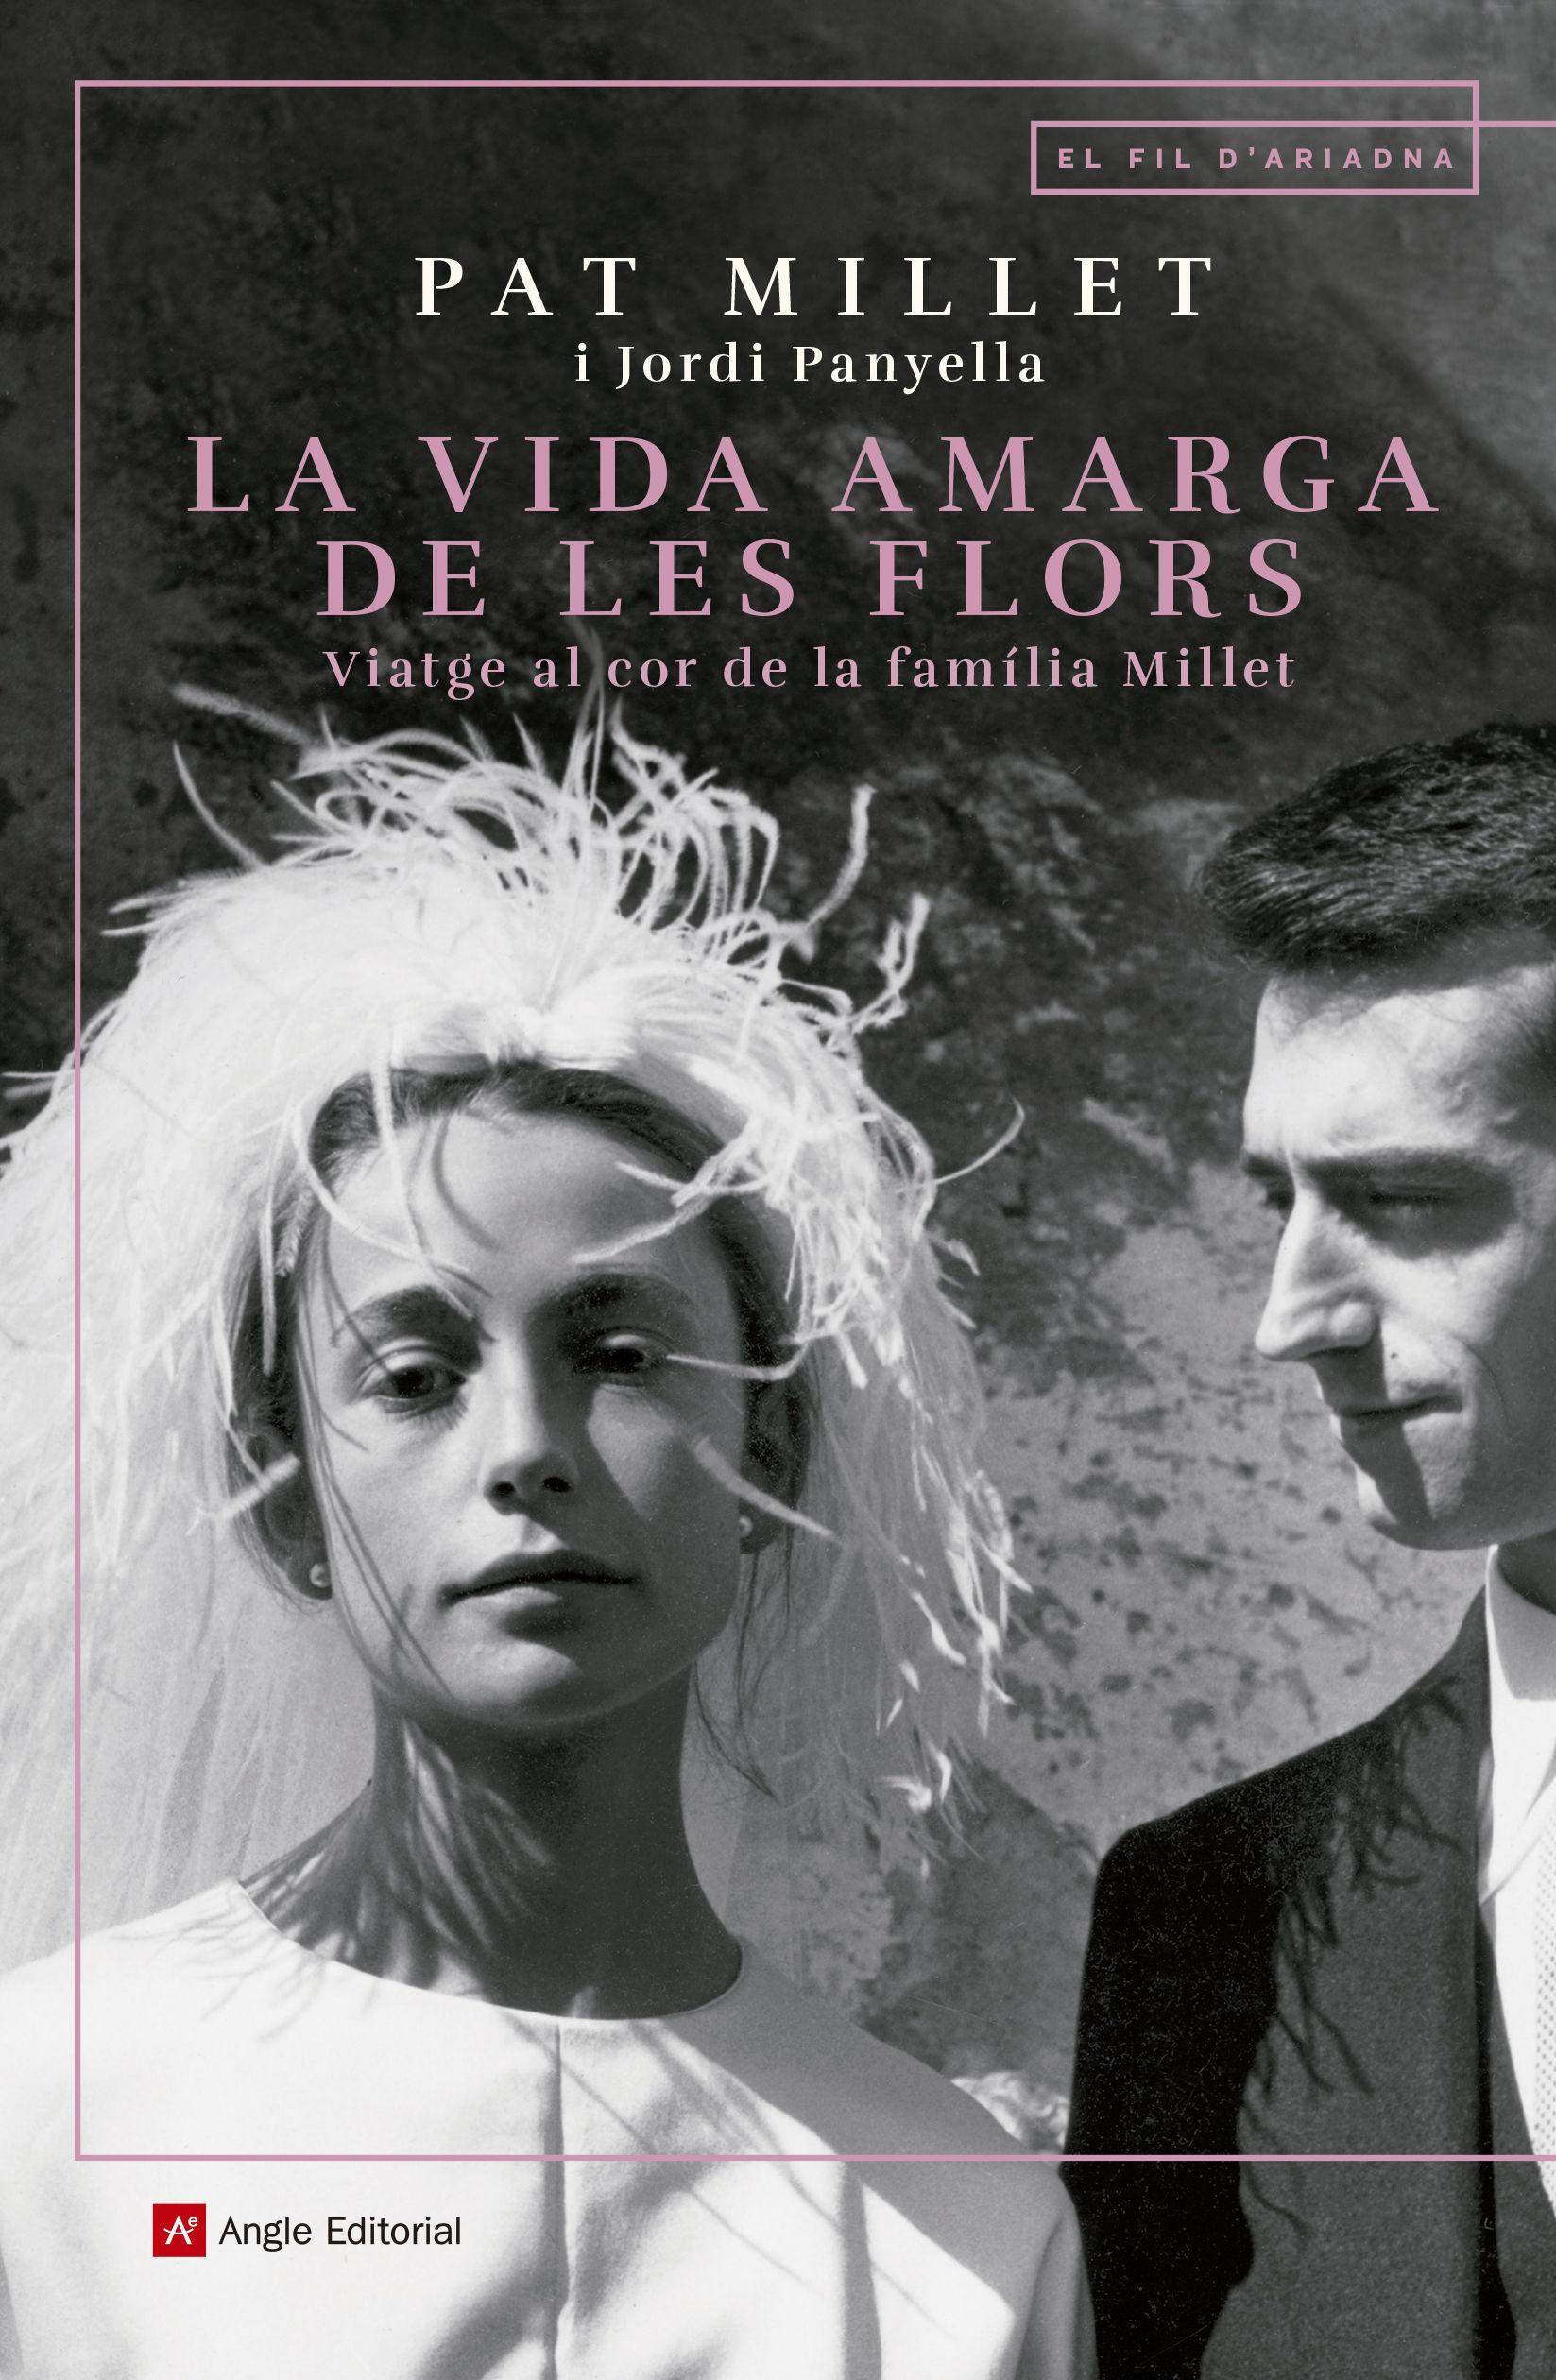 VIDA AMARGA DE LES FLORS